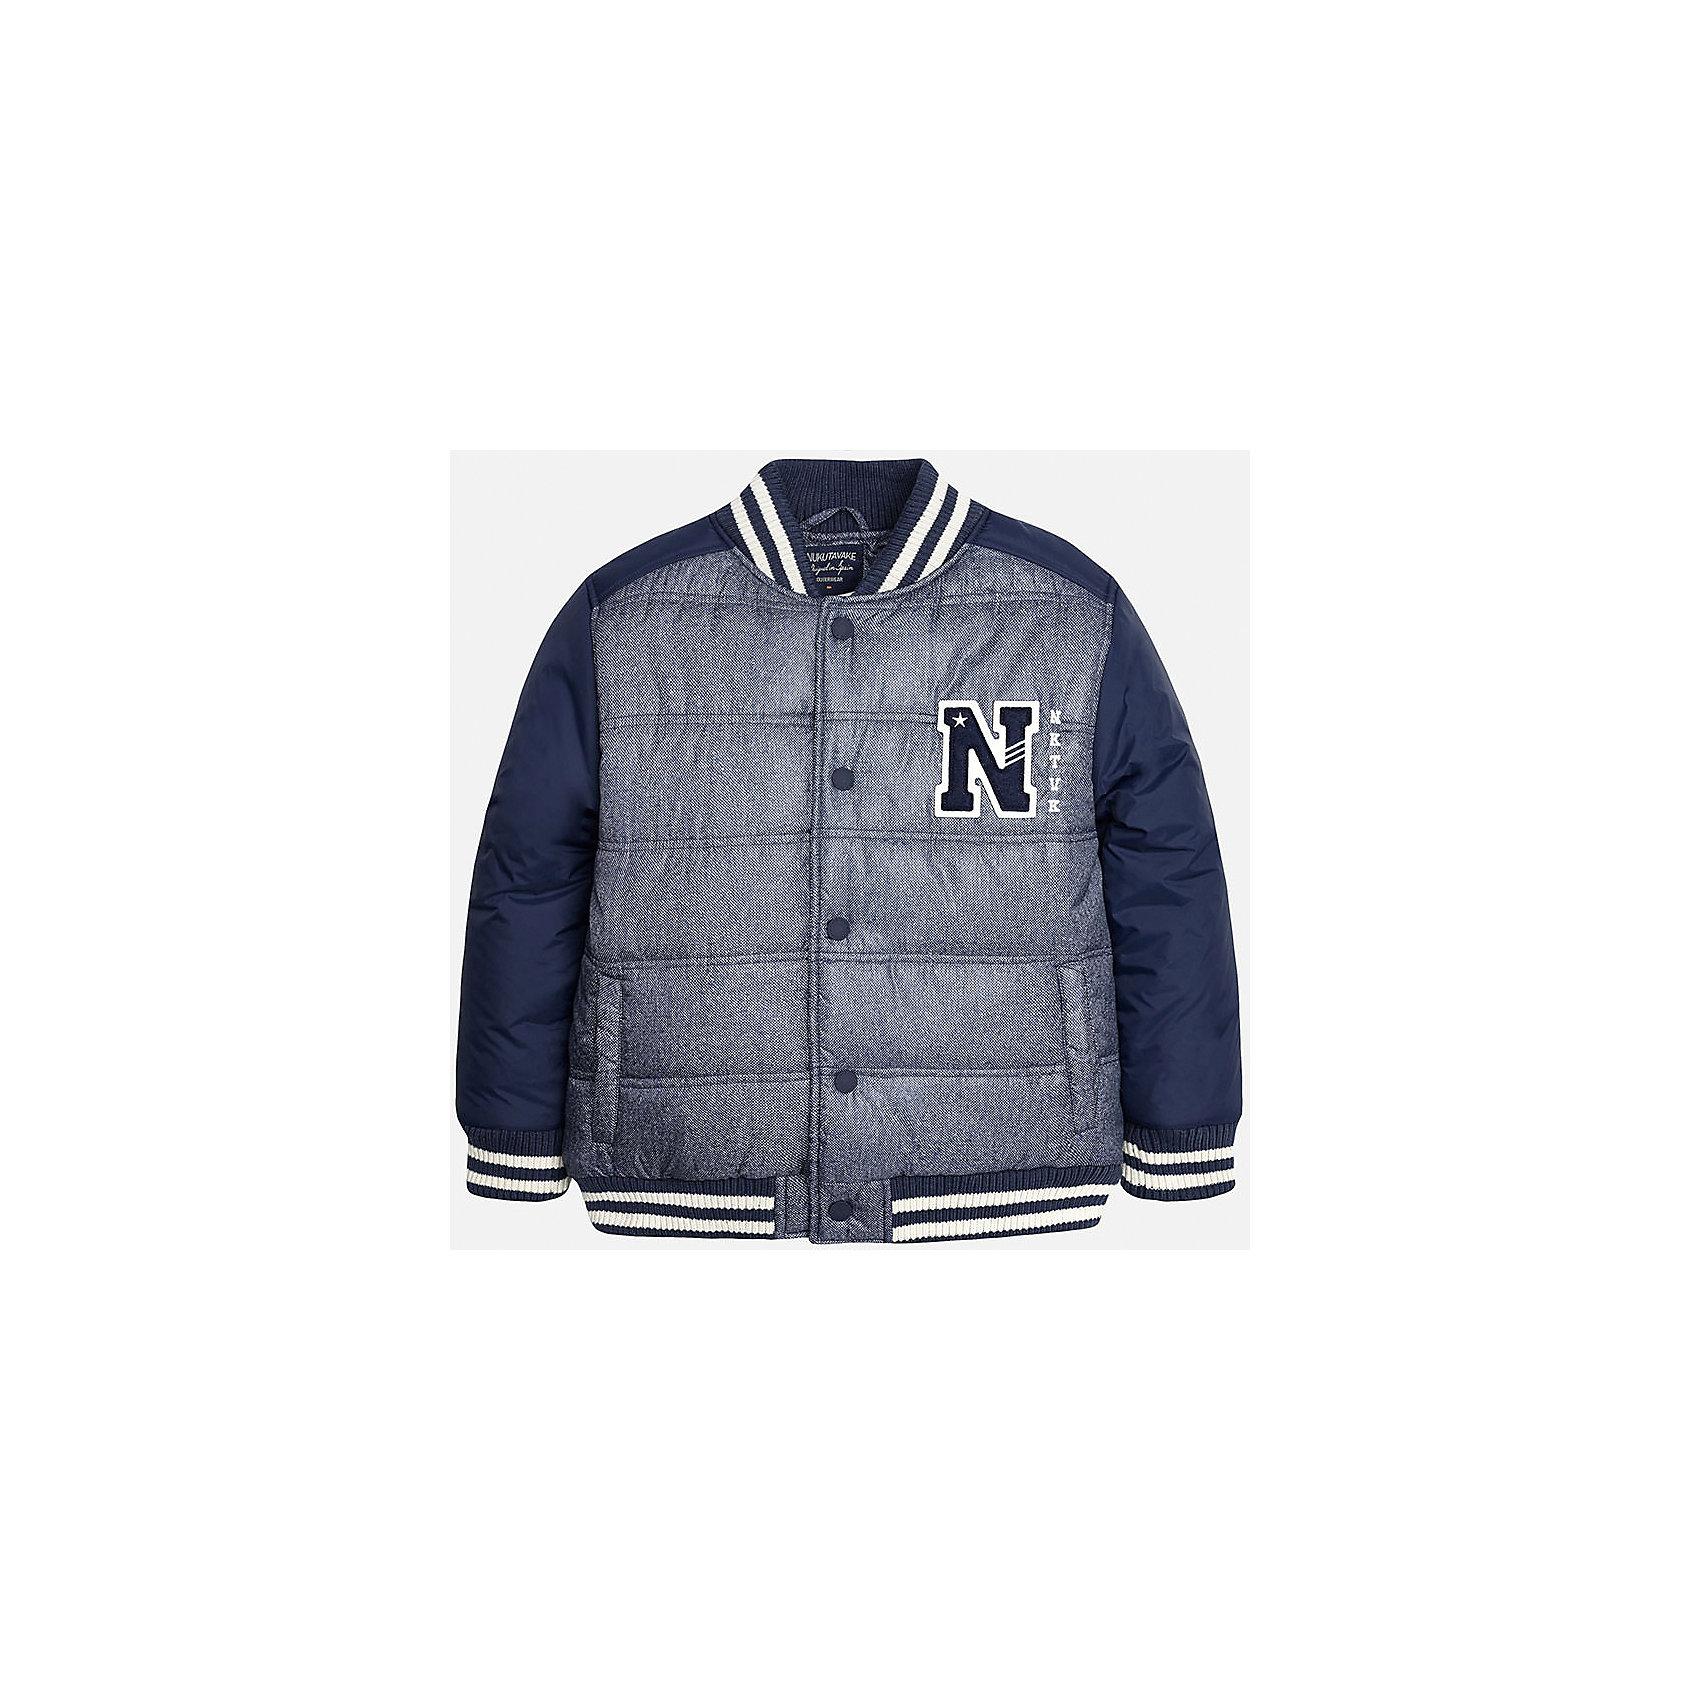 Куртка для мальчика MayoralВерхняя одежда<br>Куртка для мальчика известного испанского бренда Mayoral (Майорал). Стильная и удобная куртка на осень/весну. Пестрый темно-синий цвет сочетается с полностью синими рукавами. Качественная нашивка в спортивном стиле и полосатые трикотажные резинки на воротнике, манжетах и внизу куртки придутся по вкусу вашему чемпиону. У куртки имеются два кармана, застегивается на кнопки. Куртка изготовлена из непромокаемого и непродуваемого материала. Эта куртка отлично подойдет к джинсам или штанам спортивного стиля.<br><br>Дополнительная информация:<br><br>- Рукав: длинный<br>- Силуэт: прямой<br>Состав: 60% полиэстер, 40% хлопок<br><br>Куртку для мальчиков Mayoral (Майорал) можно купить в нашем интернет-магазине.<br><br>Подробнее:<br>• Для детей в возрасте: от 10 до 16 лет<br>• Номер товара: 4827079<br>Страна производитель: Китай<br><br>Ширина мм: 356<br>Глубина мм: 10<br>Высота мм: 245<br>Вес г: 519<br>Цвет: синий<br>Возраст от месяцев: 132<br>Возраст до месяцев: 144<br>Пол: Мужской<br>Возраст: Детский<br>Размер: 146/152,128/134,164/170,140/146,152/158,158/164<br>SKU: 4827085